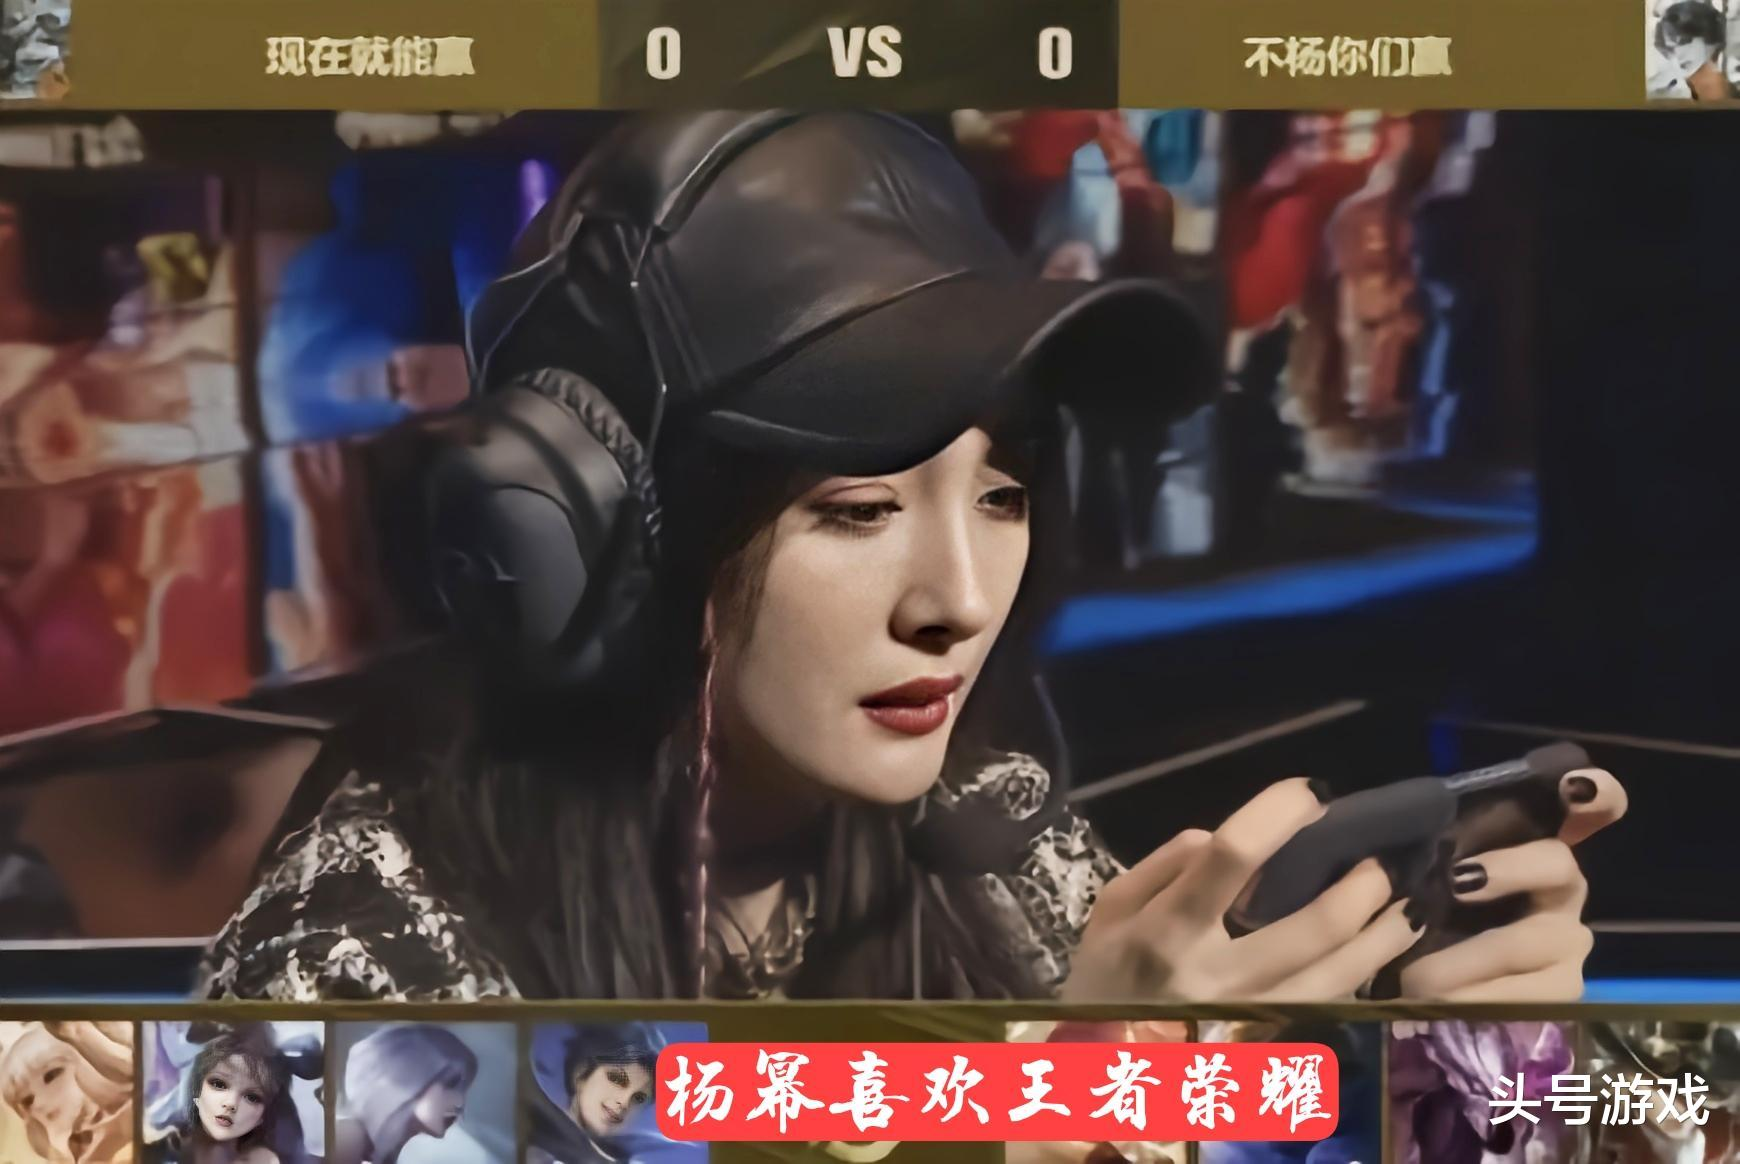 王者荣耀:玩家排位赛撞车杨颖,和杨幂是闺蜜,看到段位我懵了